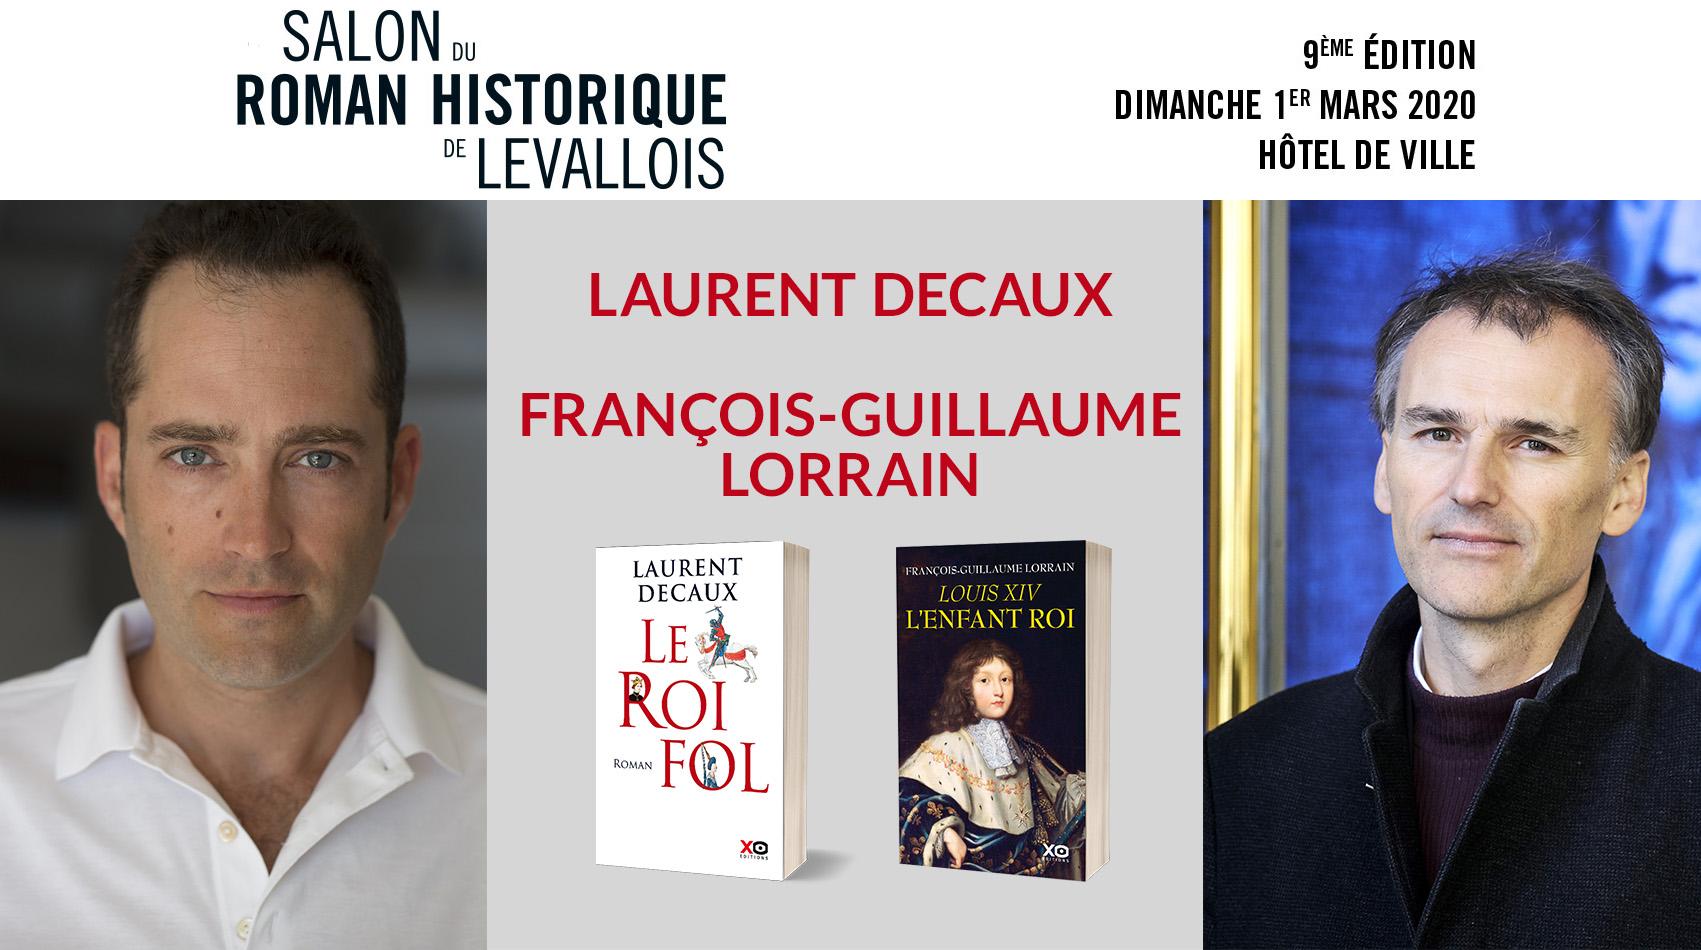 LES AUTEURS XO AU SALON DU ROMAN HISTORIQUE DE LEVALLOIS